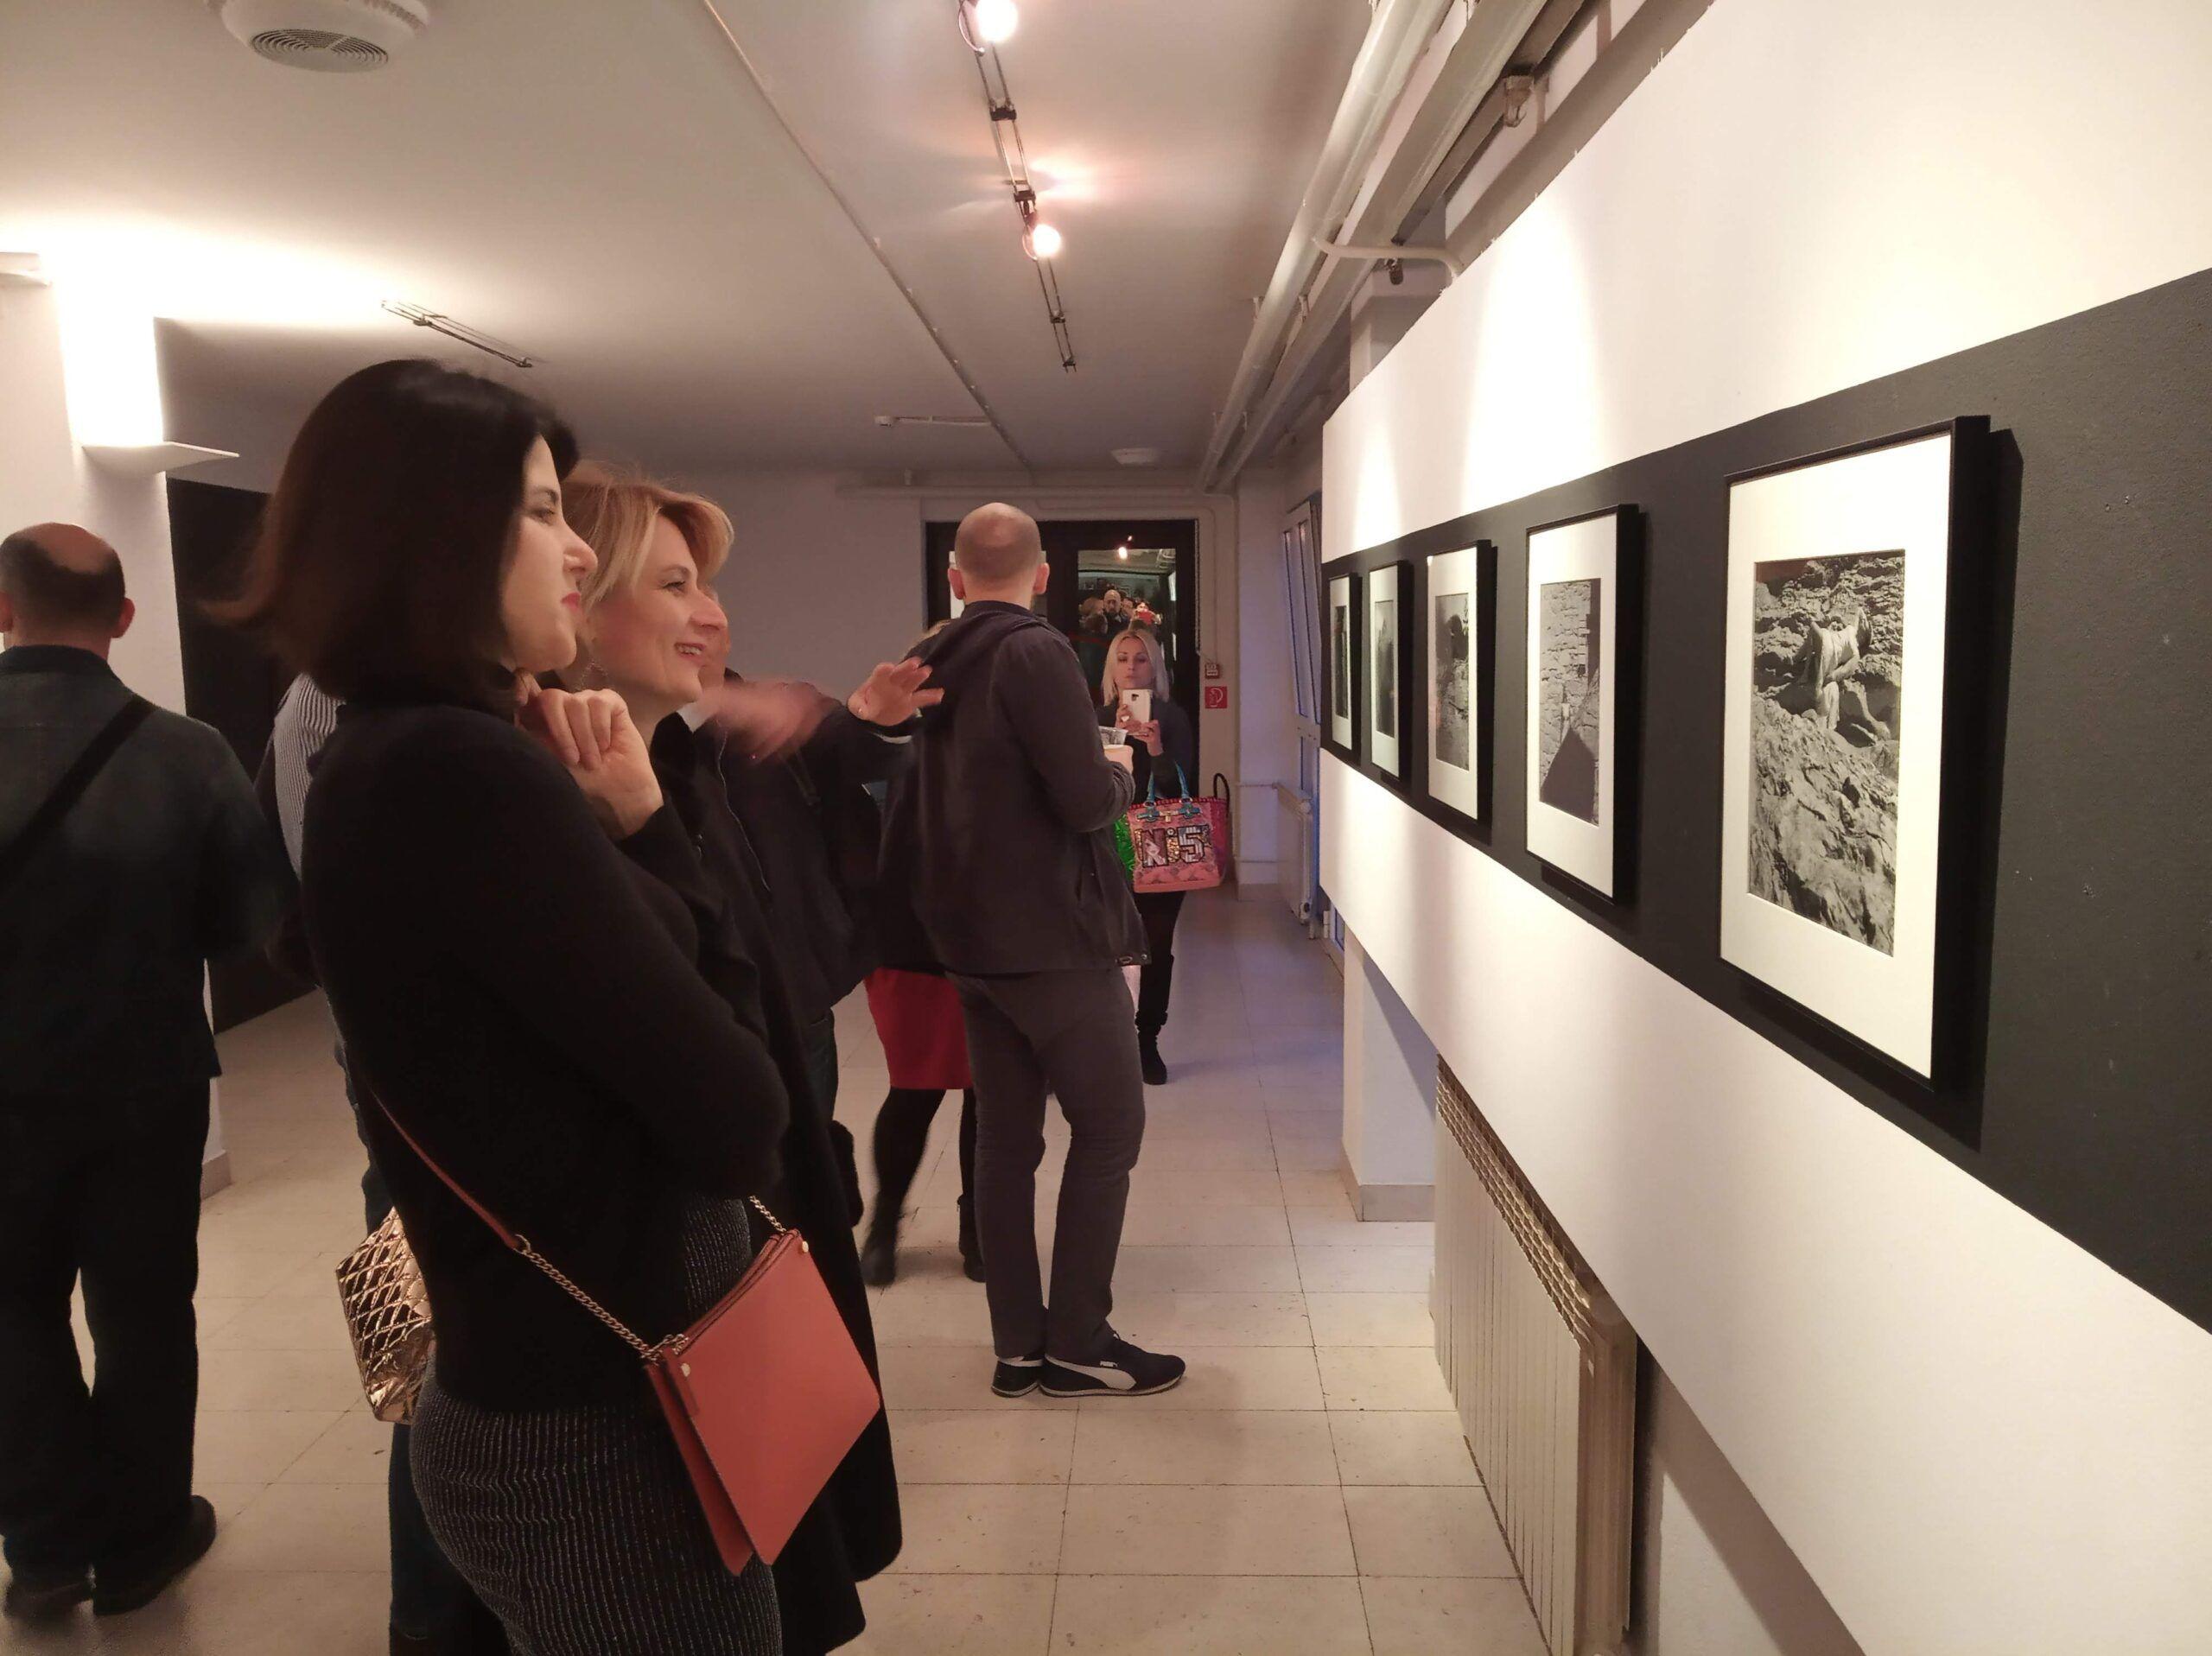 Natječaj galerije Modulor za izlaganje u 2022. godini